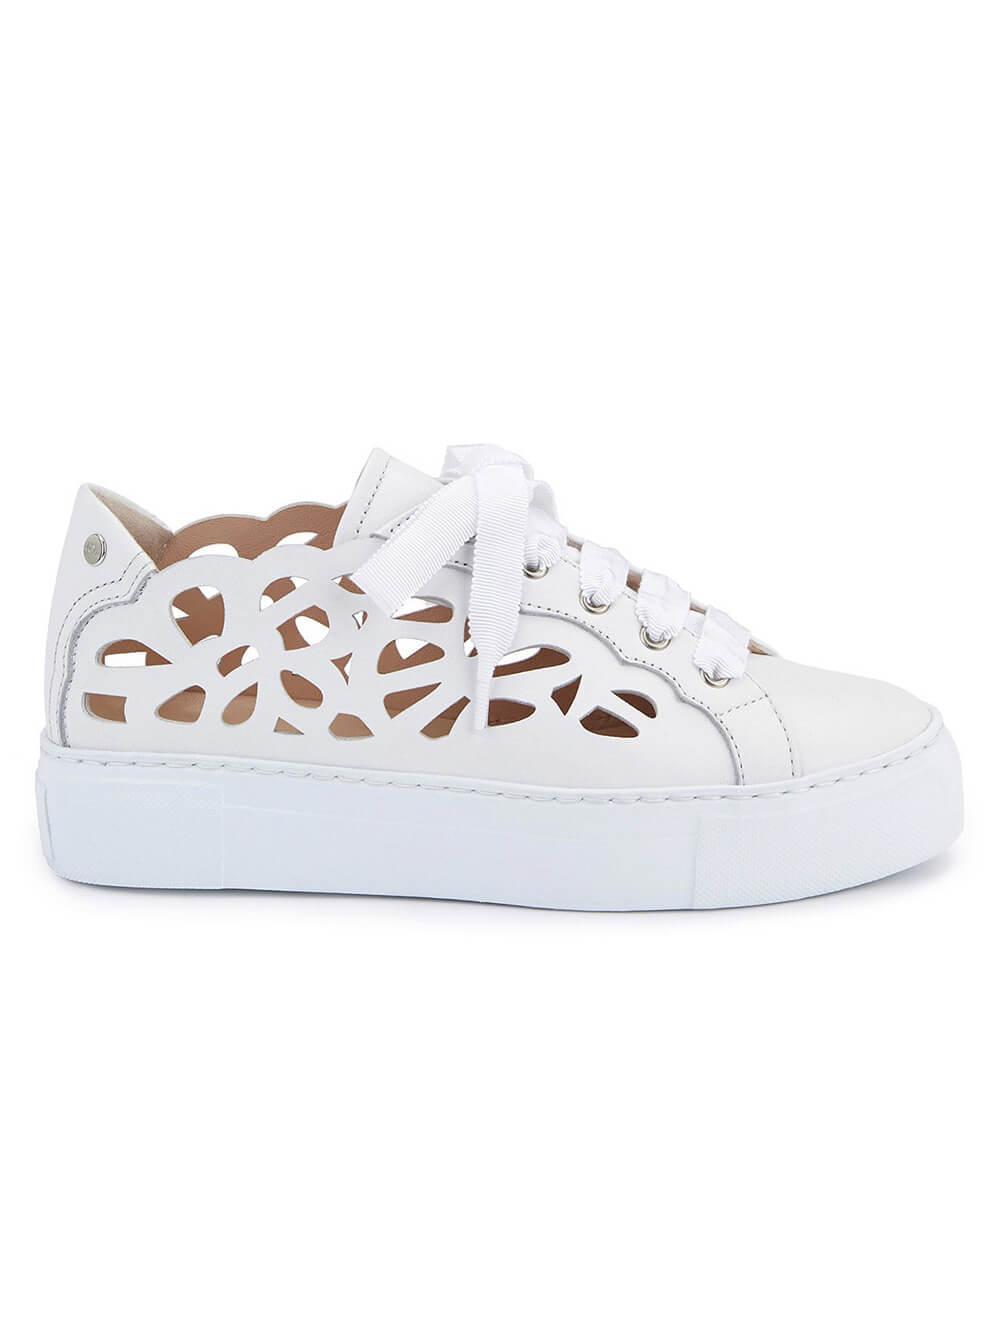 Mandi Sneaker Item # D925249PG